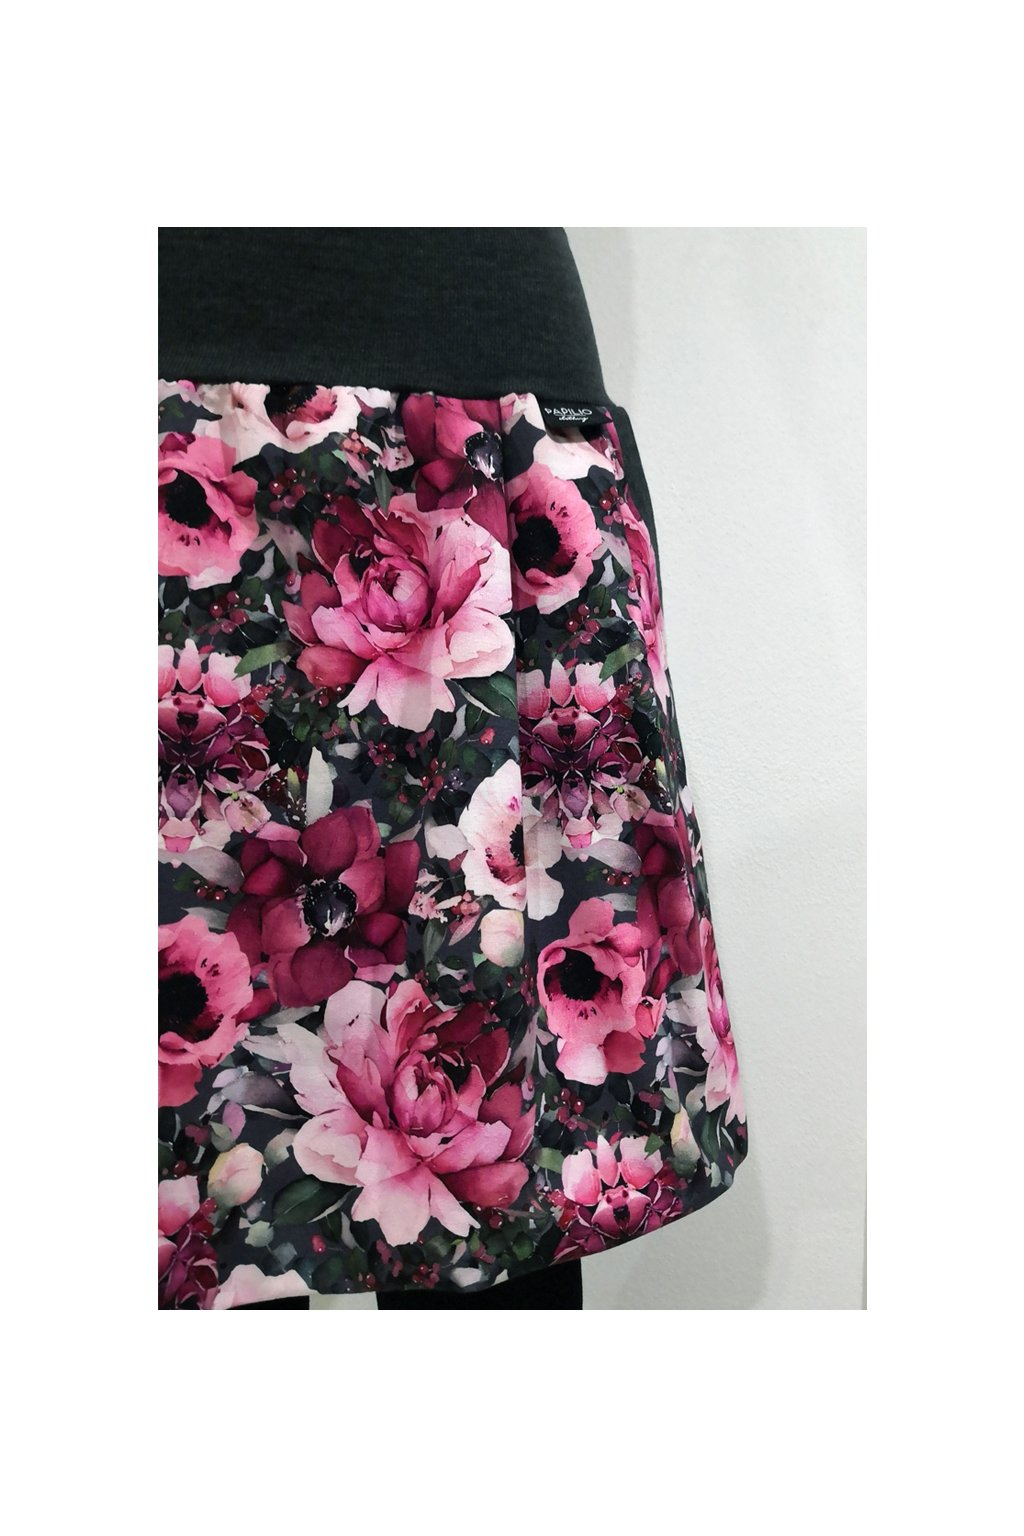 Balonová sukně Pivoňky a růže | úplet